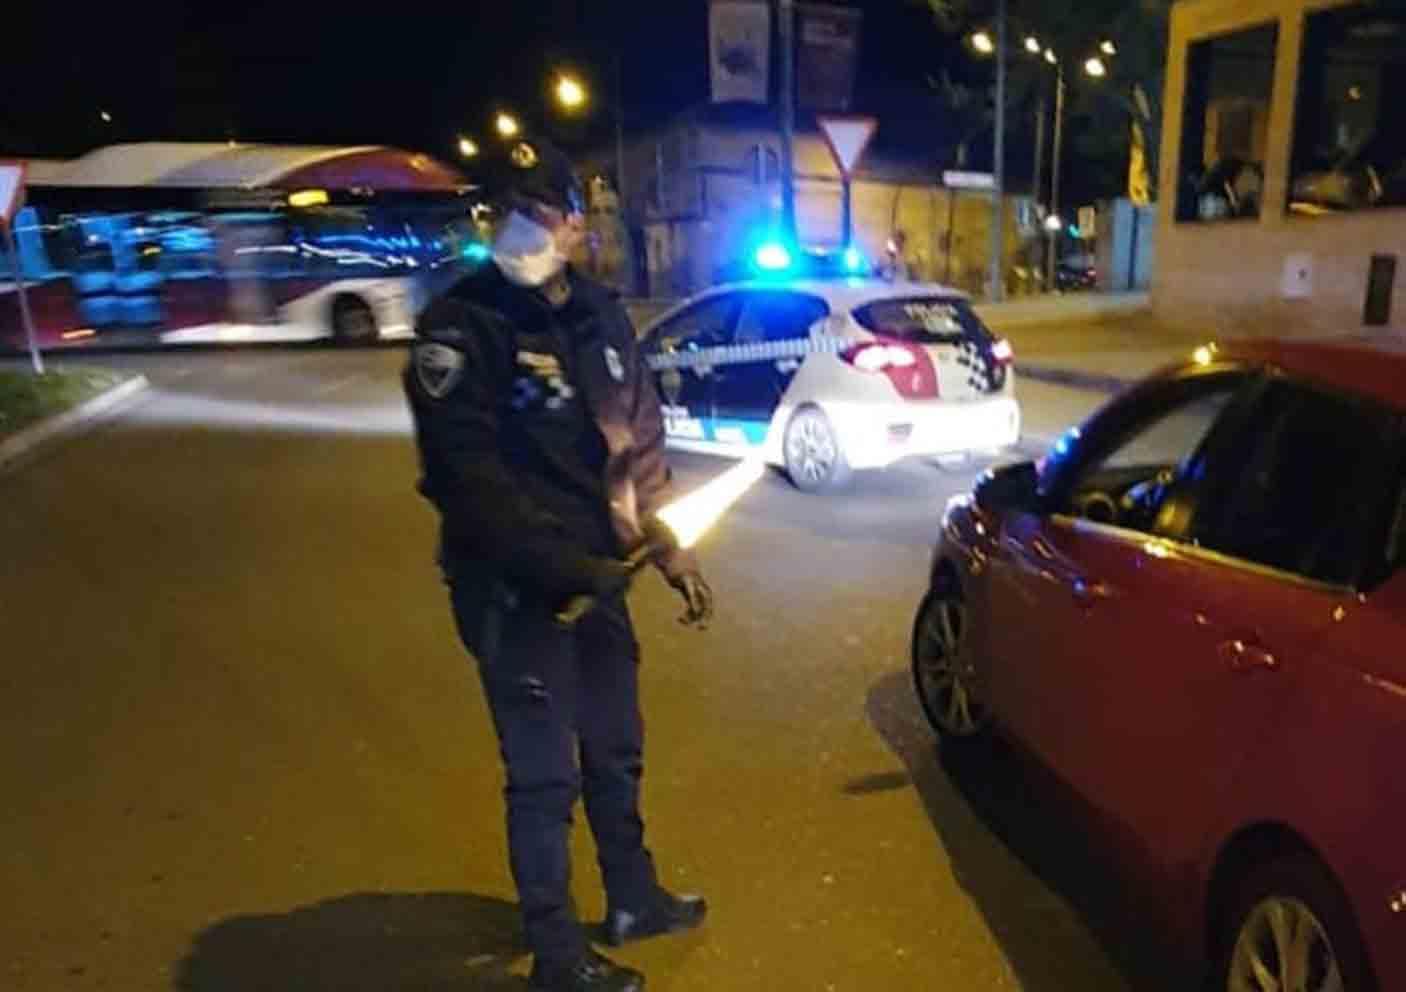 La Policía Local de Toledo despertó al joven que dormía en su vehículo, en mitad de la calzada.